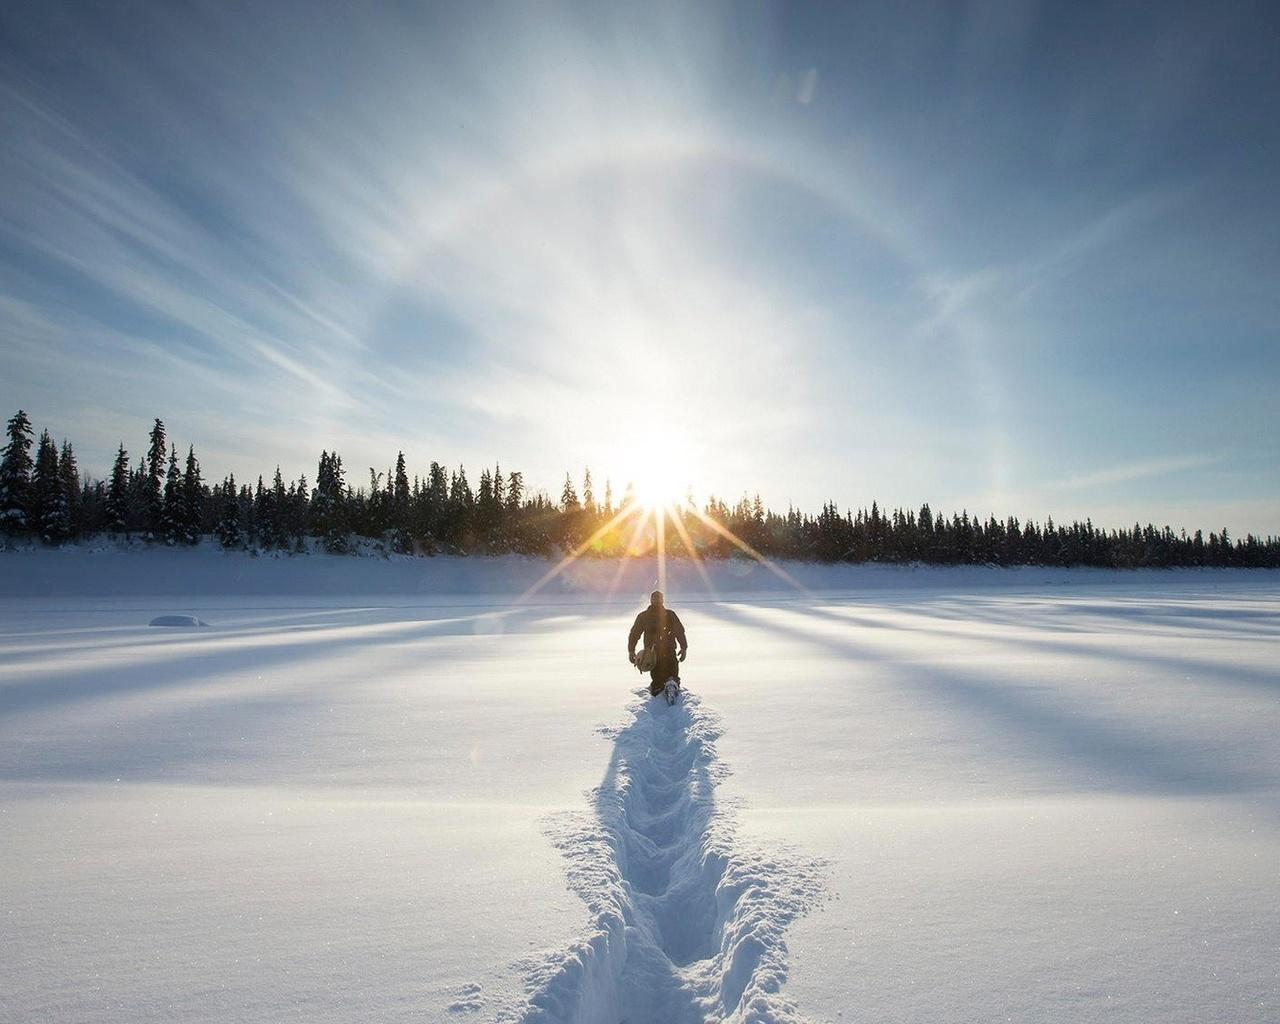 предыдущей человек идущий по снегу картинки получаю былое удовольствие